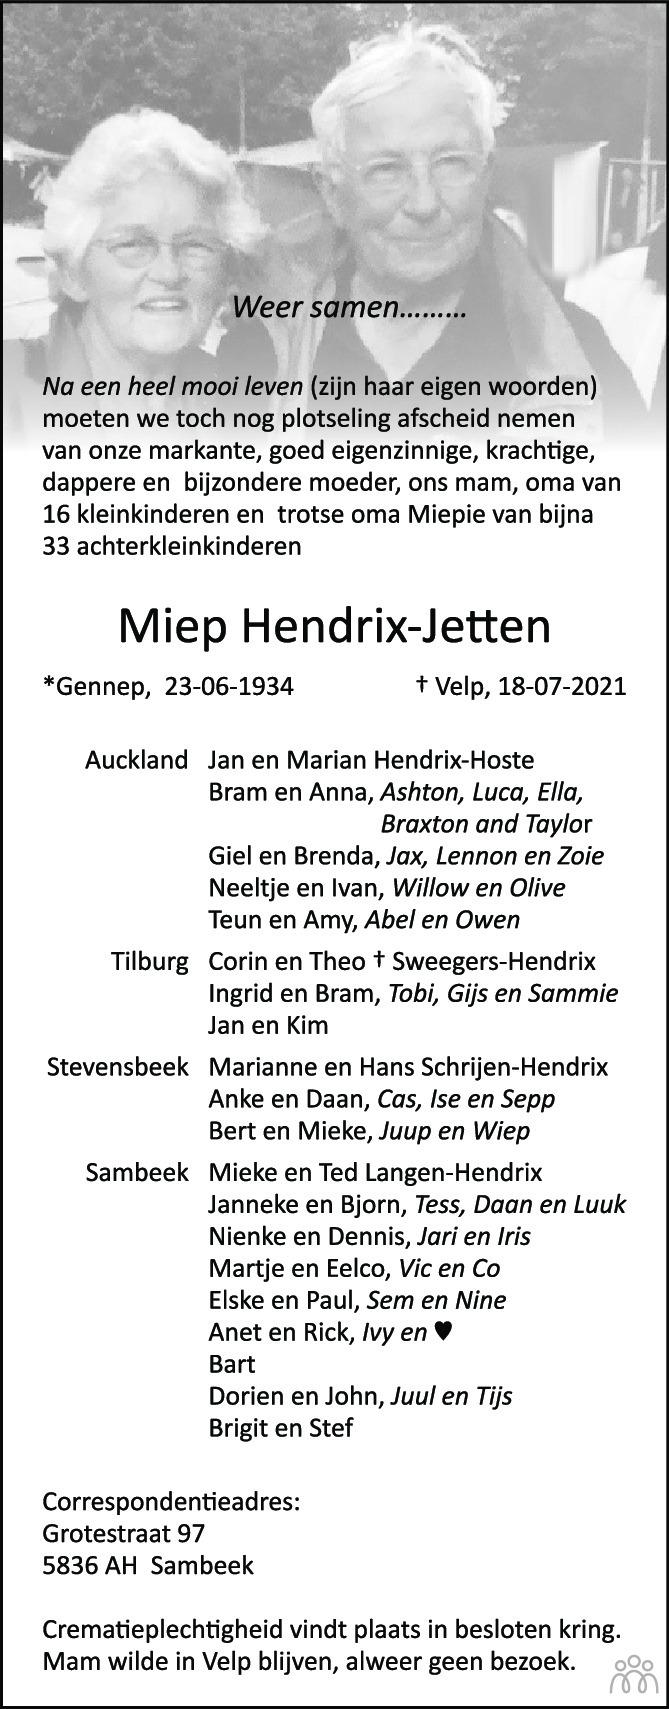 Overlijdensbericht van Miep Hendrix-Jetten in de Gelderlander